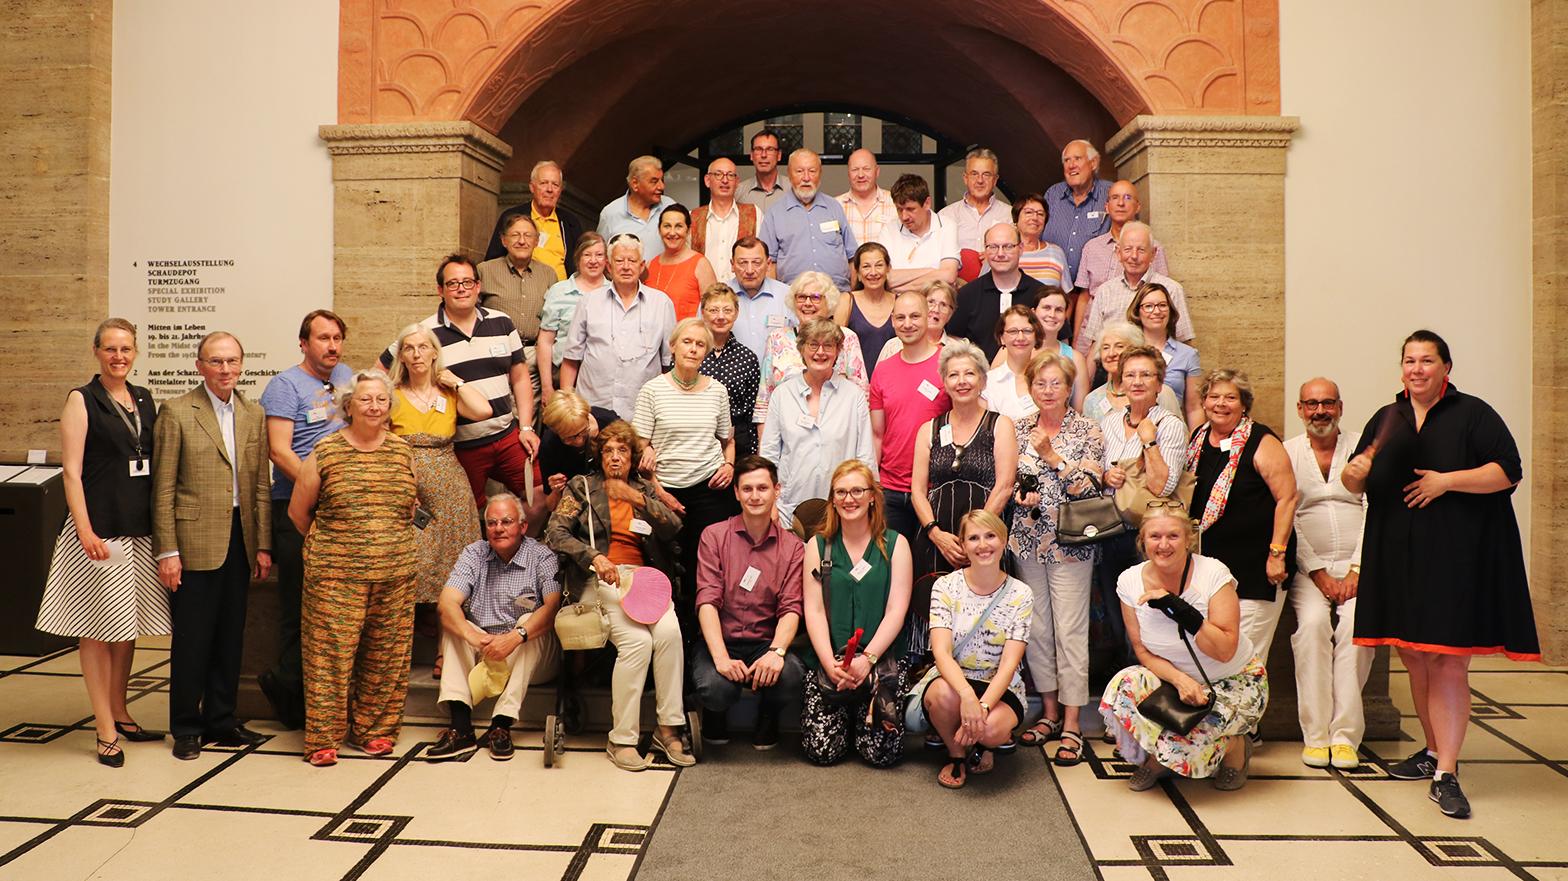 Die Mitglieder der Gesellschaft der Keramikfreunde